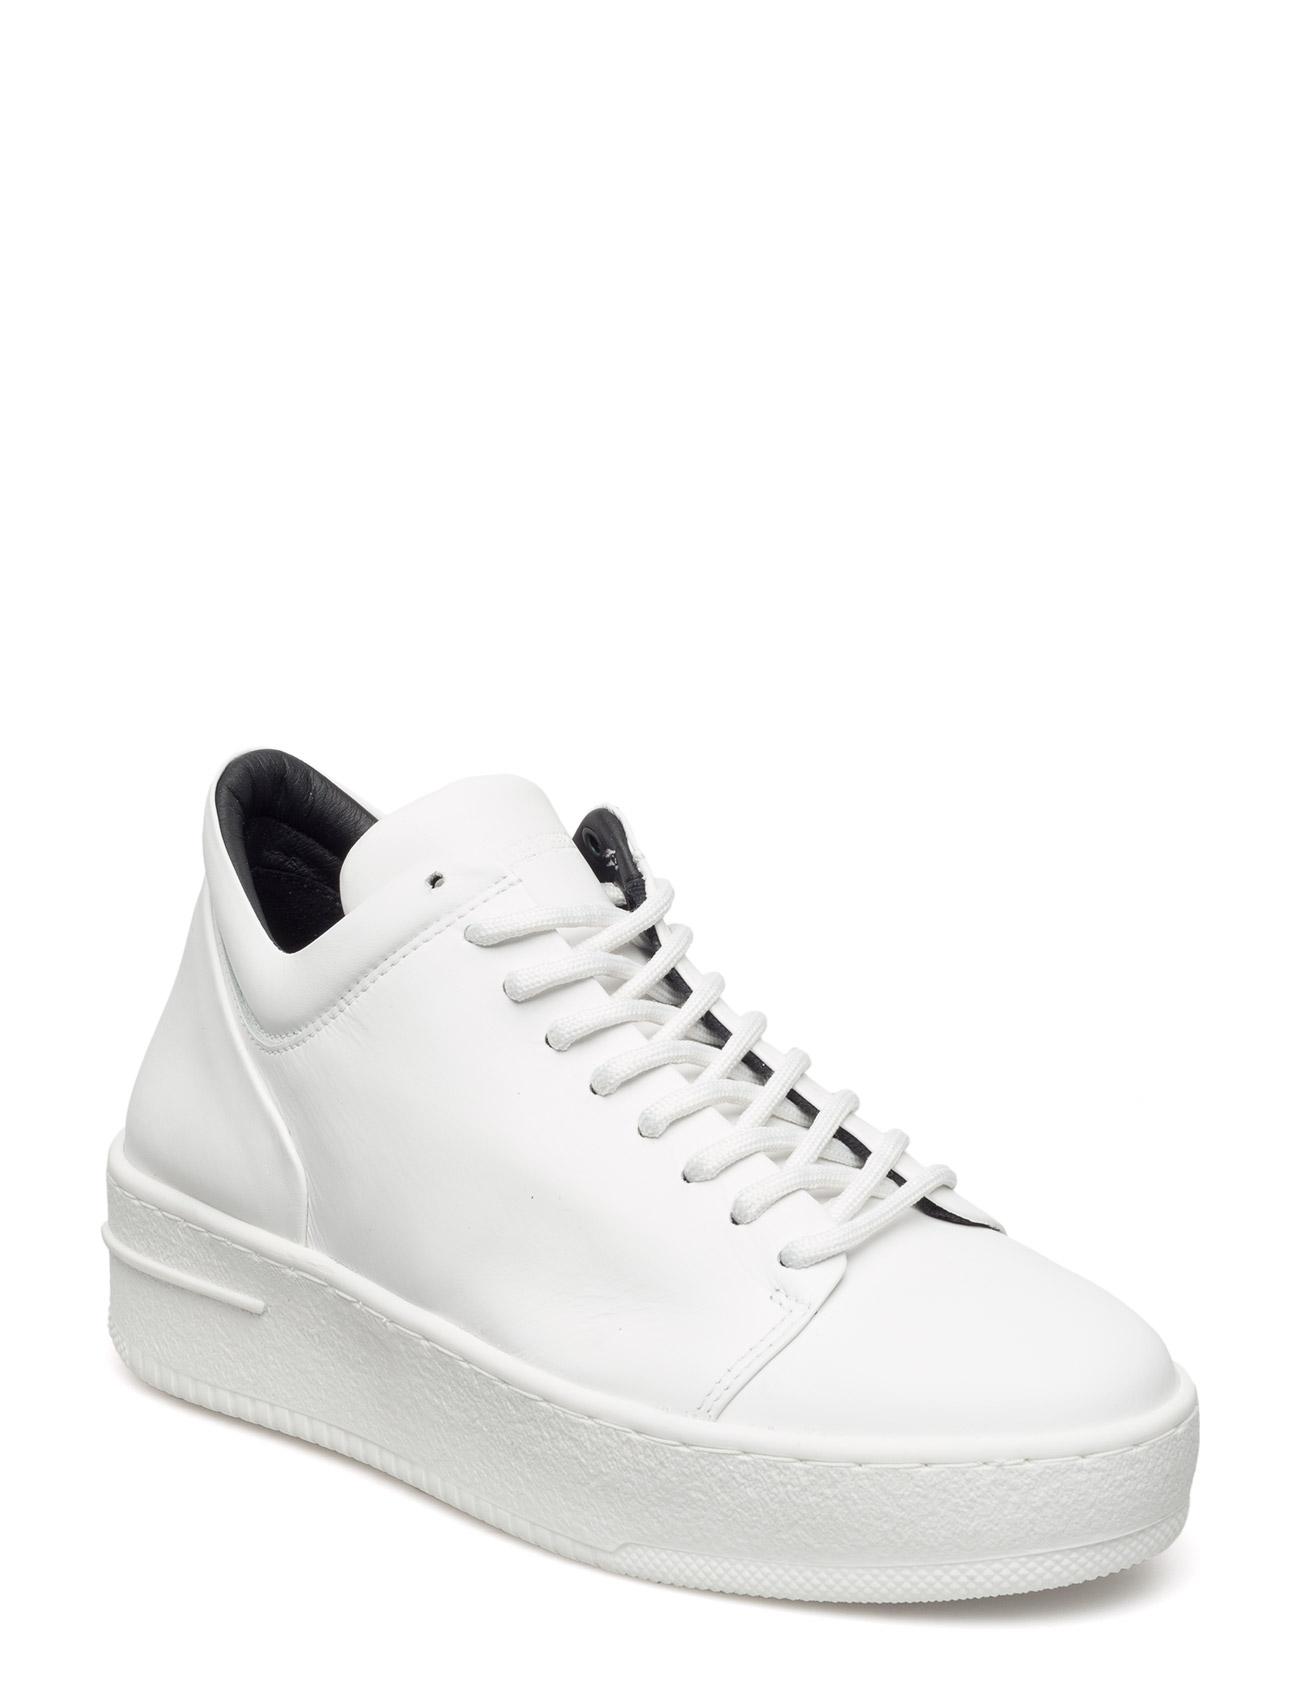 Seven20 Hi Shoe Wmn Royal RepubliQ Sko til Kvinder i hvid